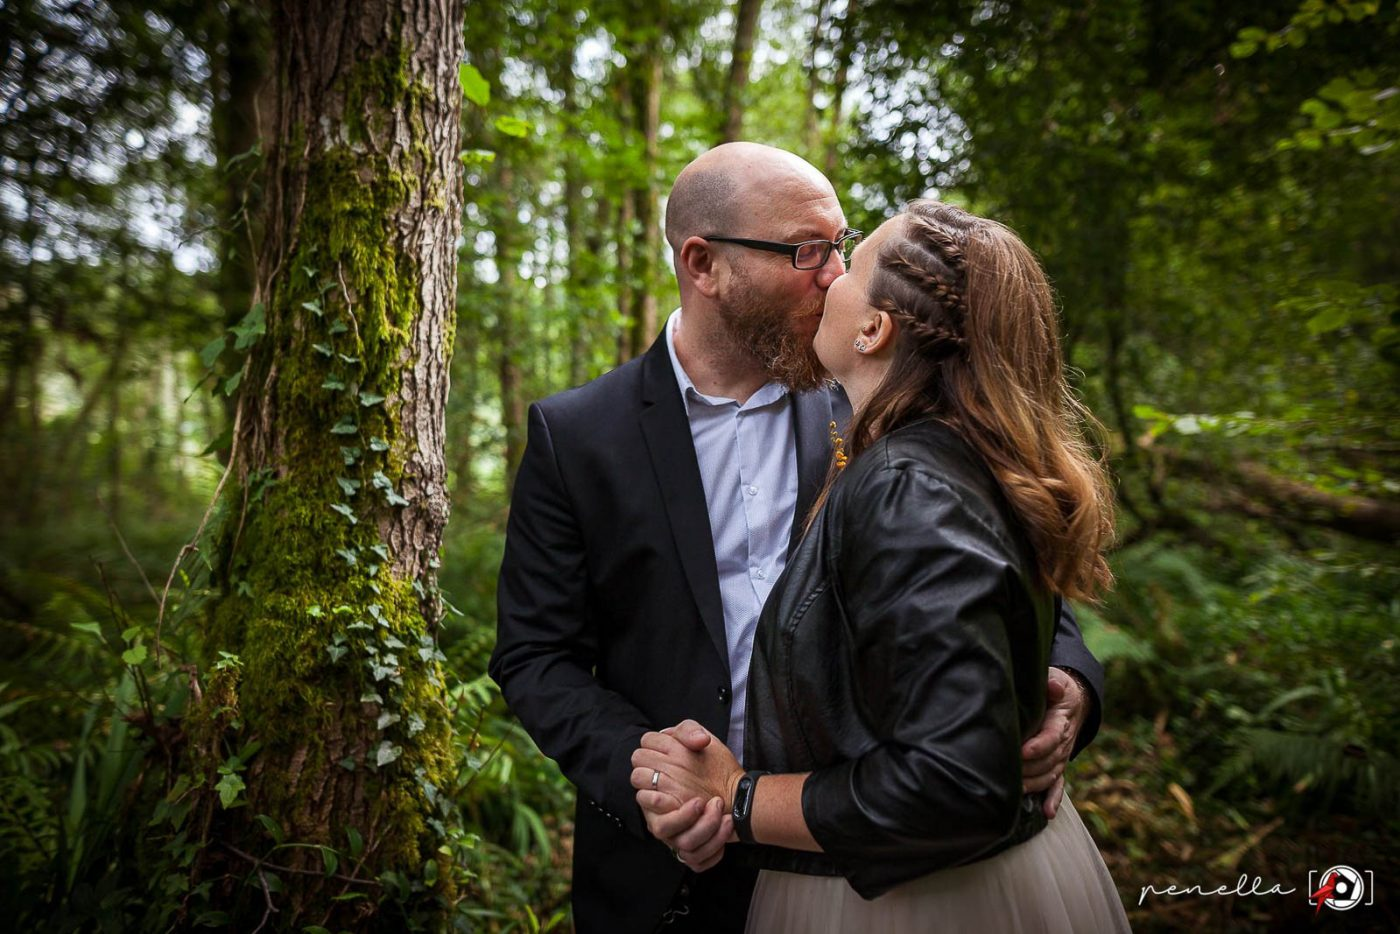 Foto de boda y postboda en Asturias, Gijón, Oviedo y Avilés, PenellaFotografia.com